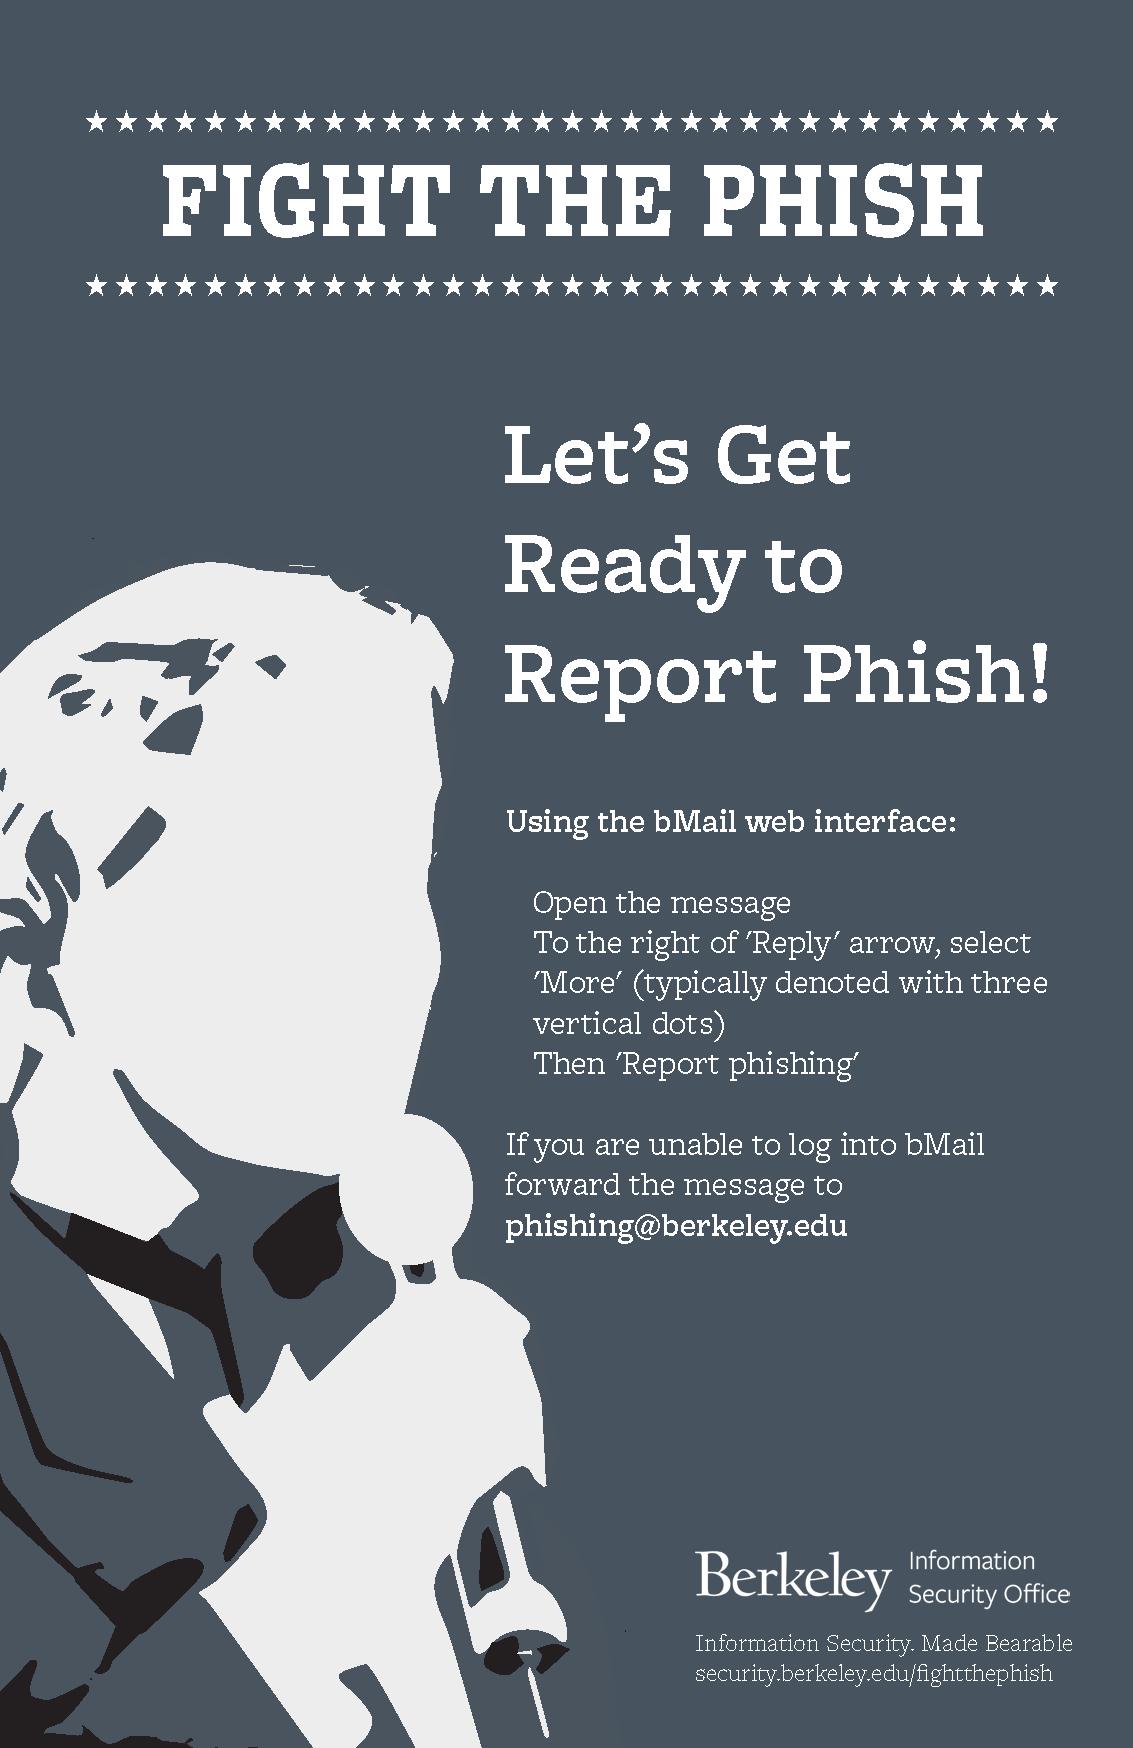 Report phish